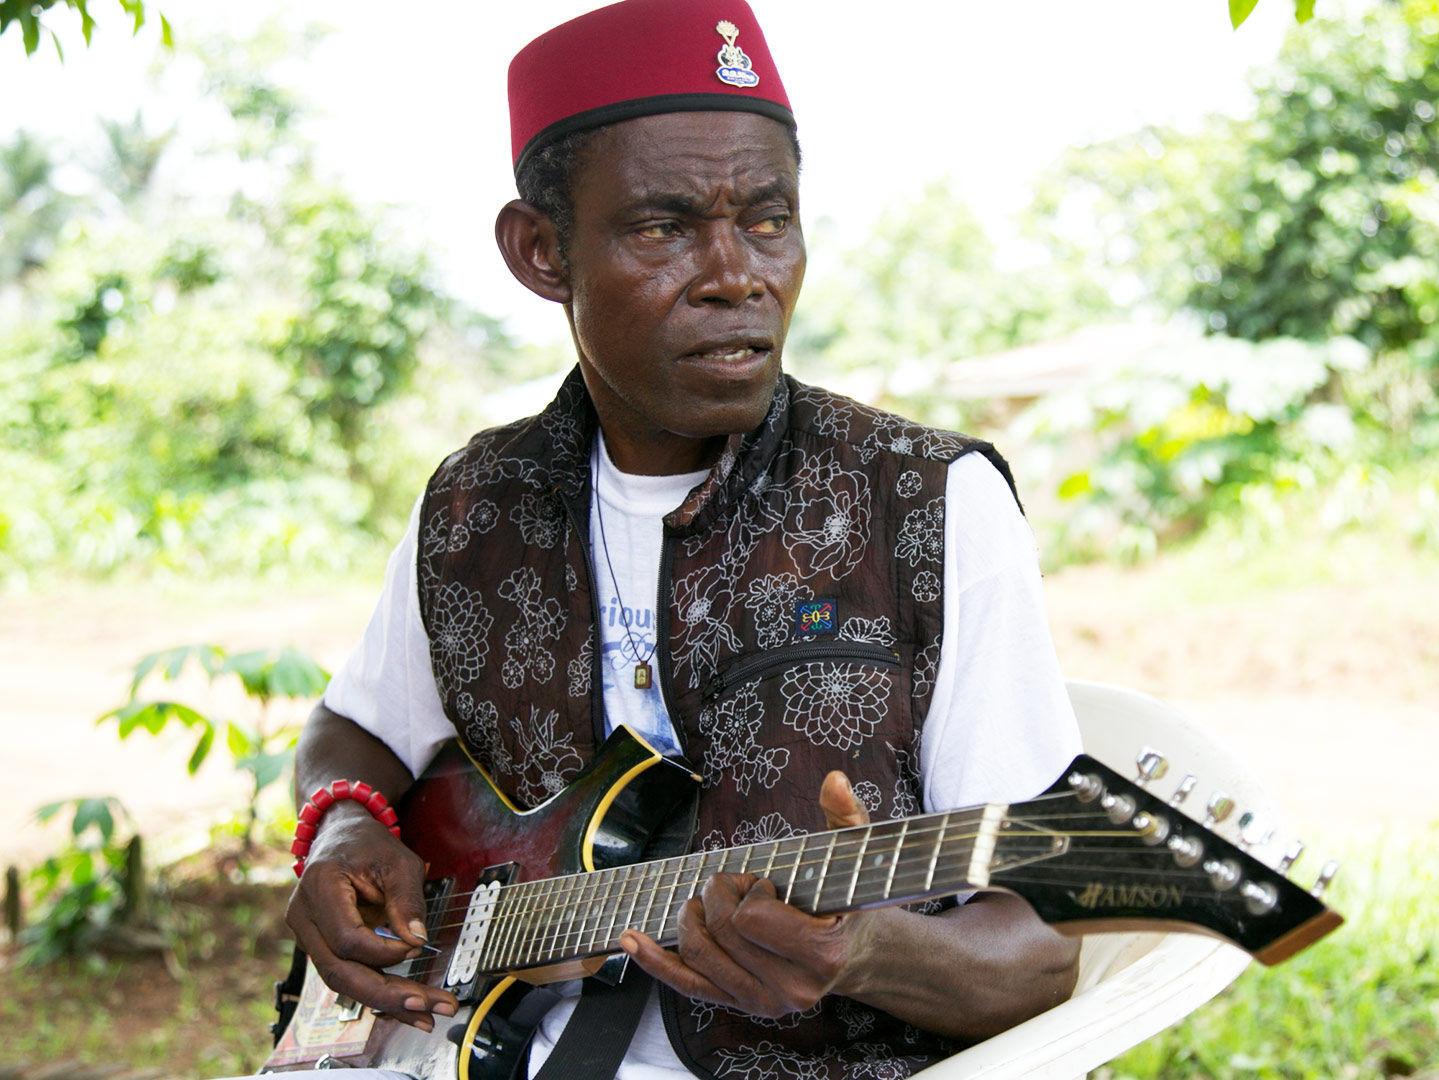 Dan Satch Okpara